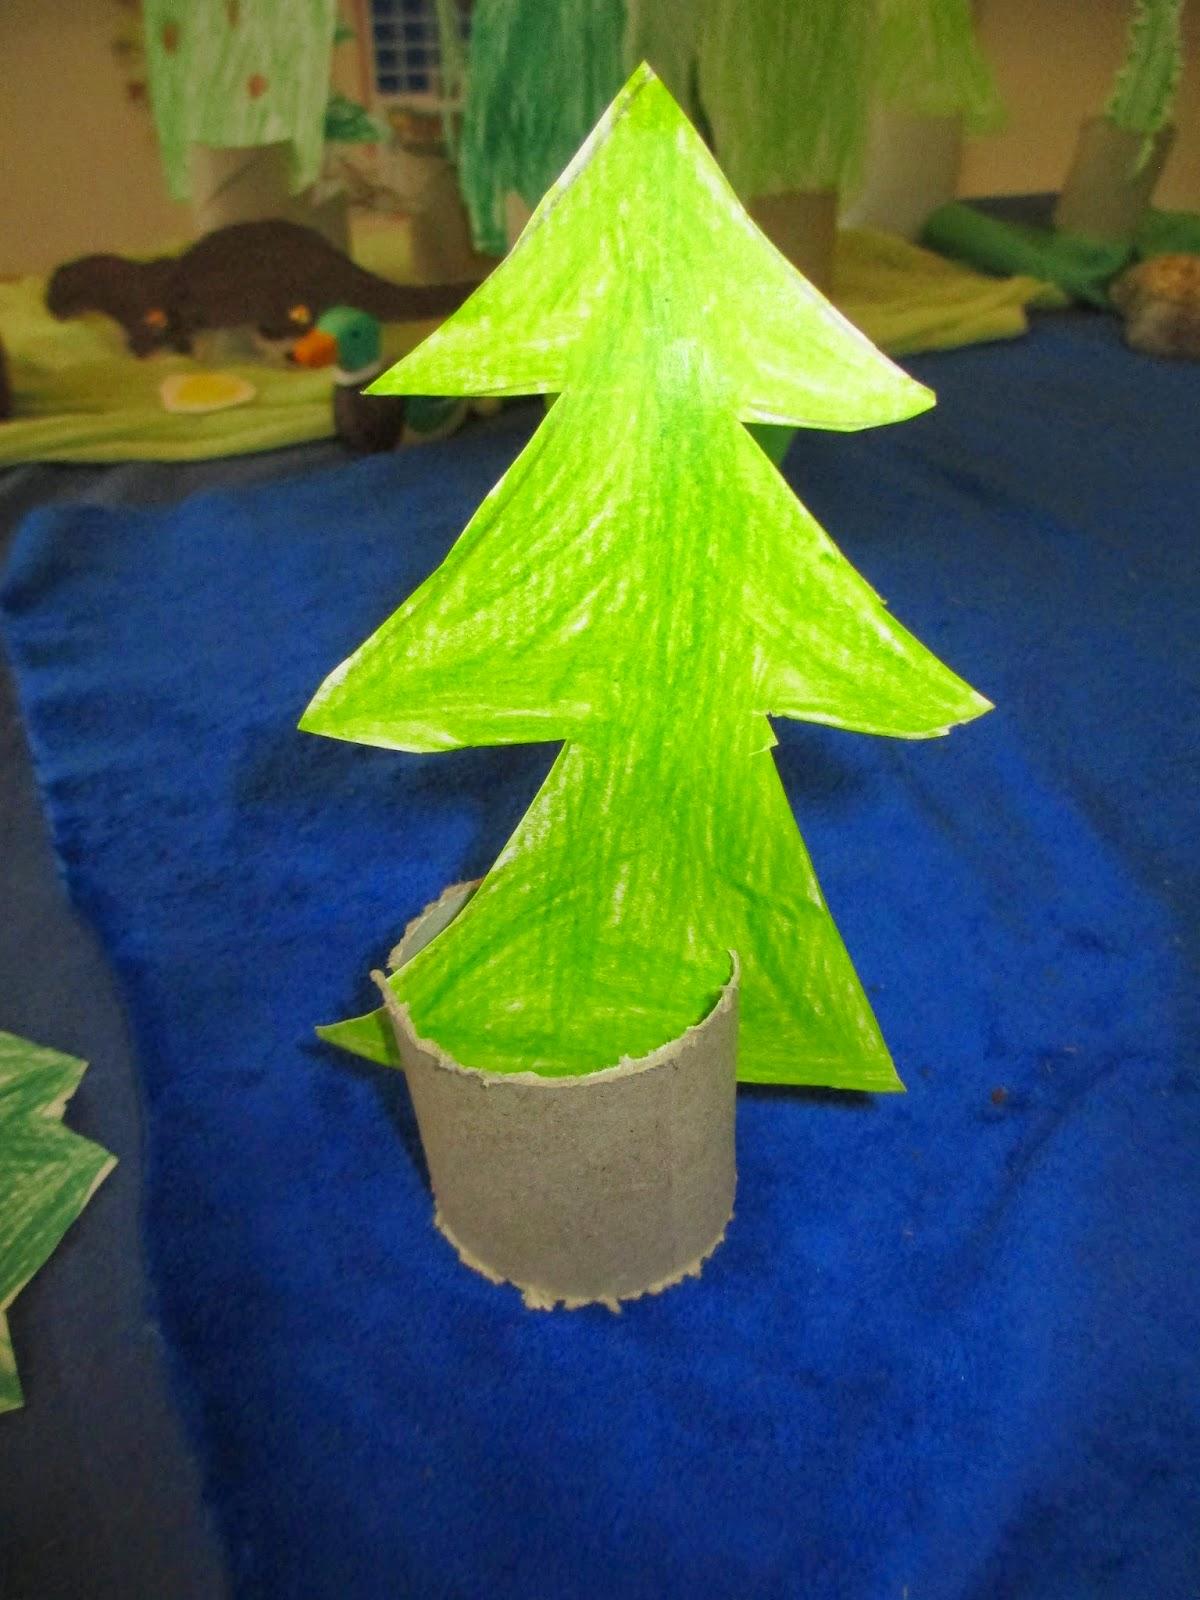 Baum für das Figurenspiel